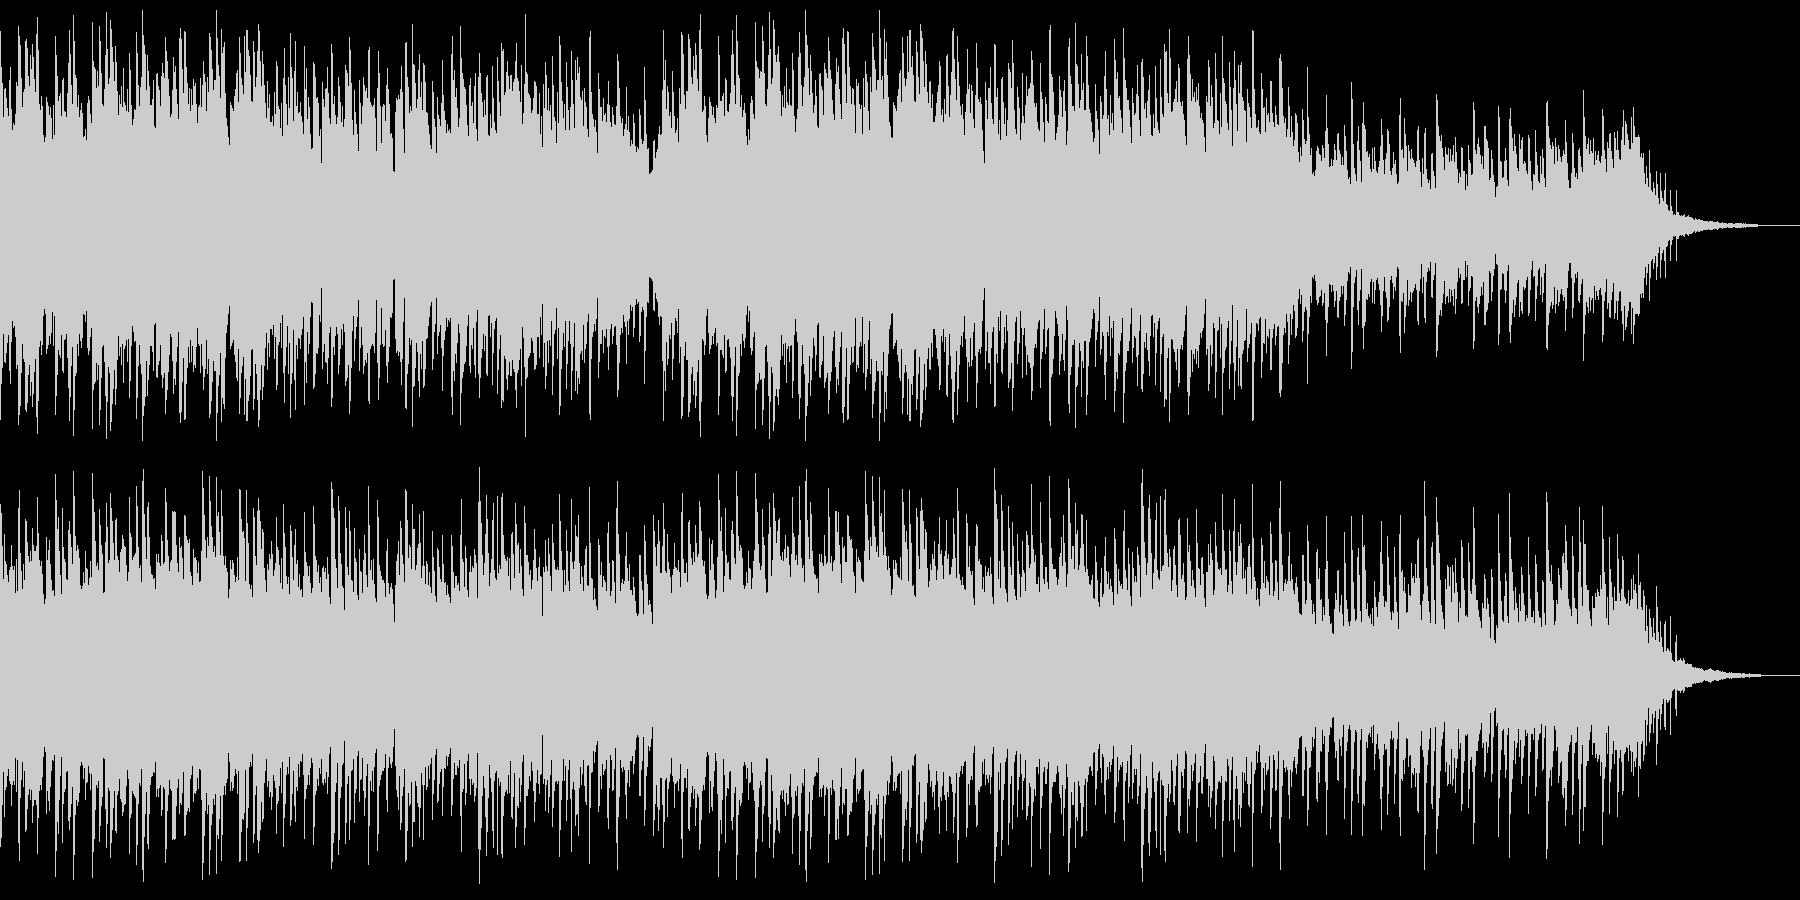 感動場面にアコースティックピアノ伴奏風曲の未再生の波形